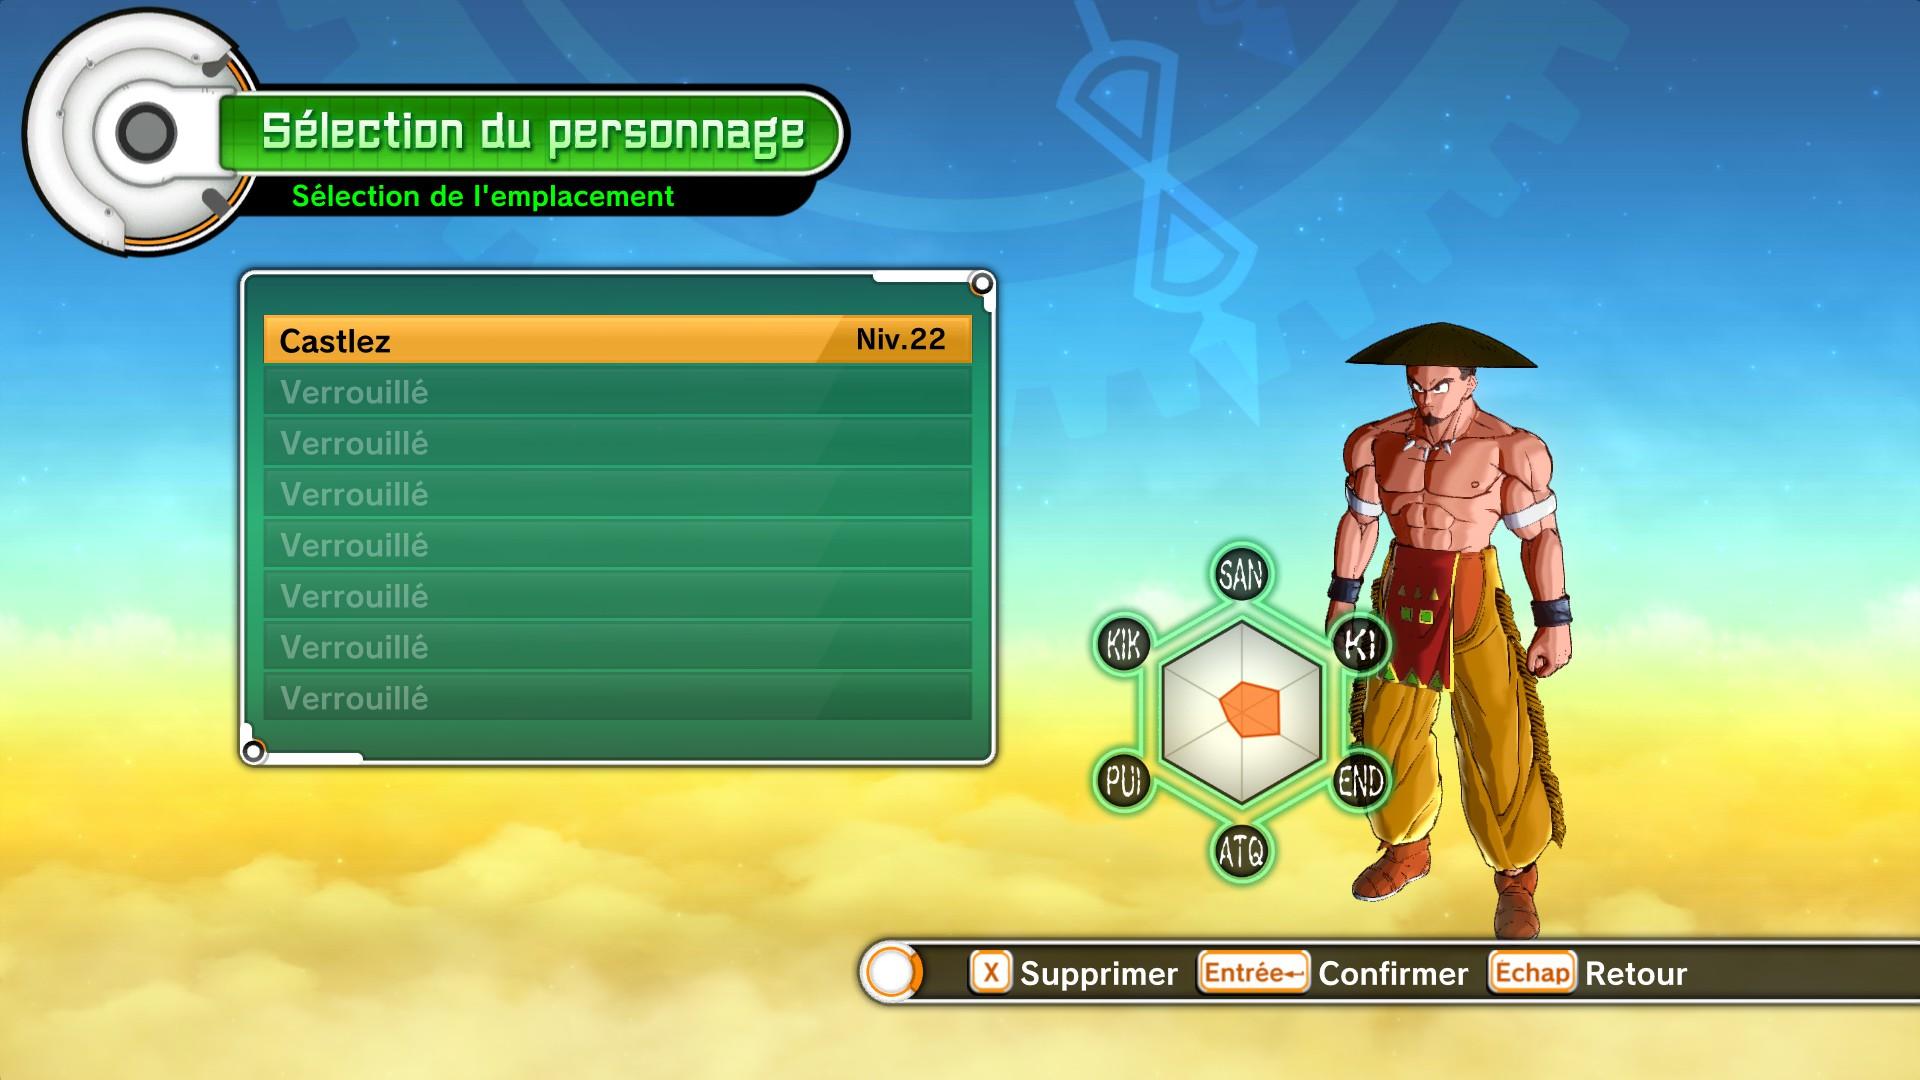 astuce dragon ball xenoverse comment d u00e9verrouiller les emplacements de personnages sur jeuxvideo com